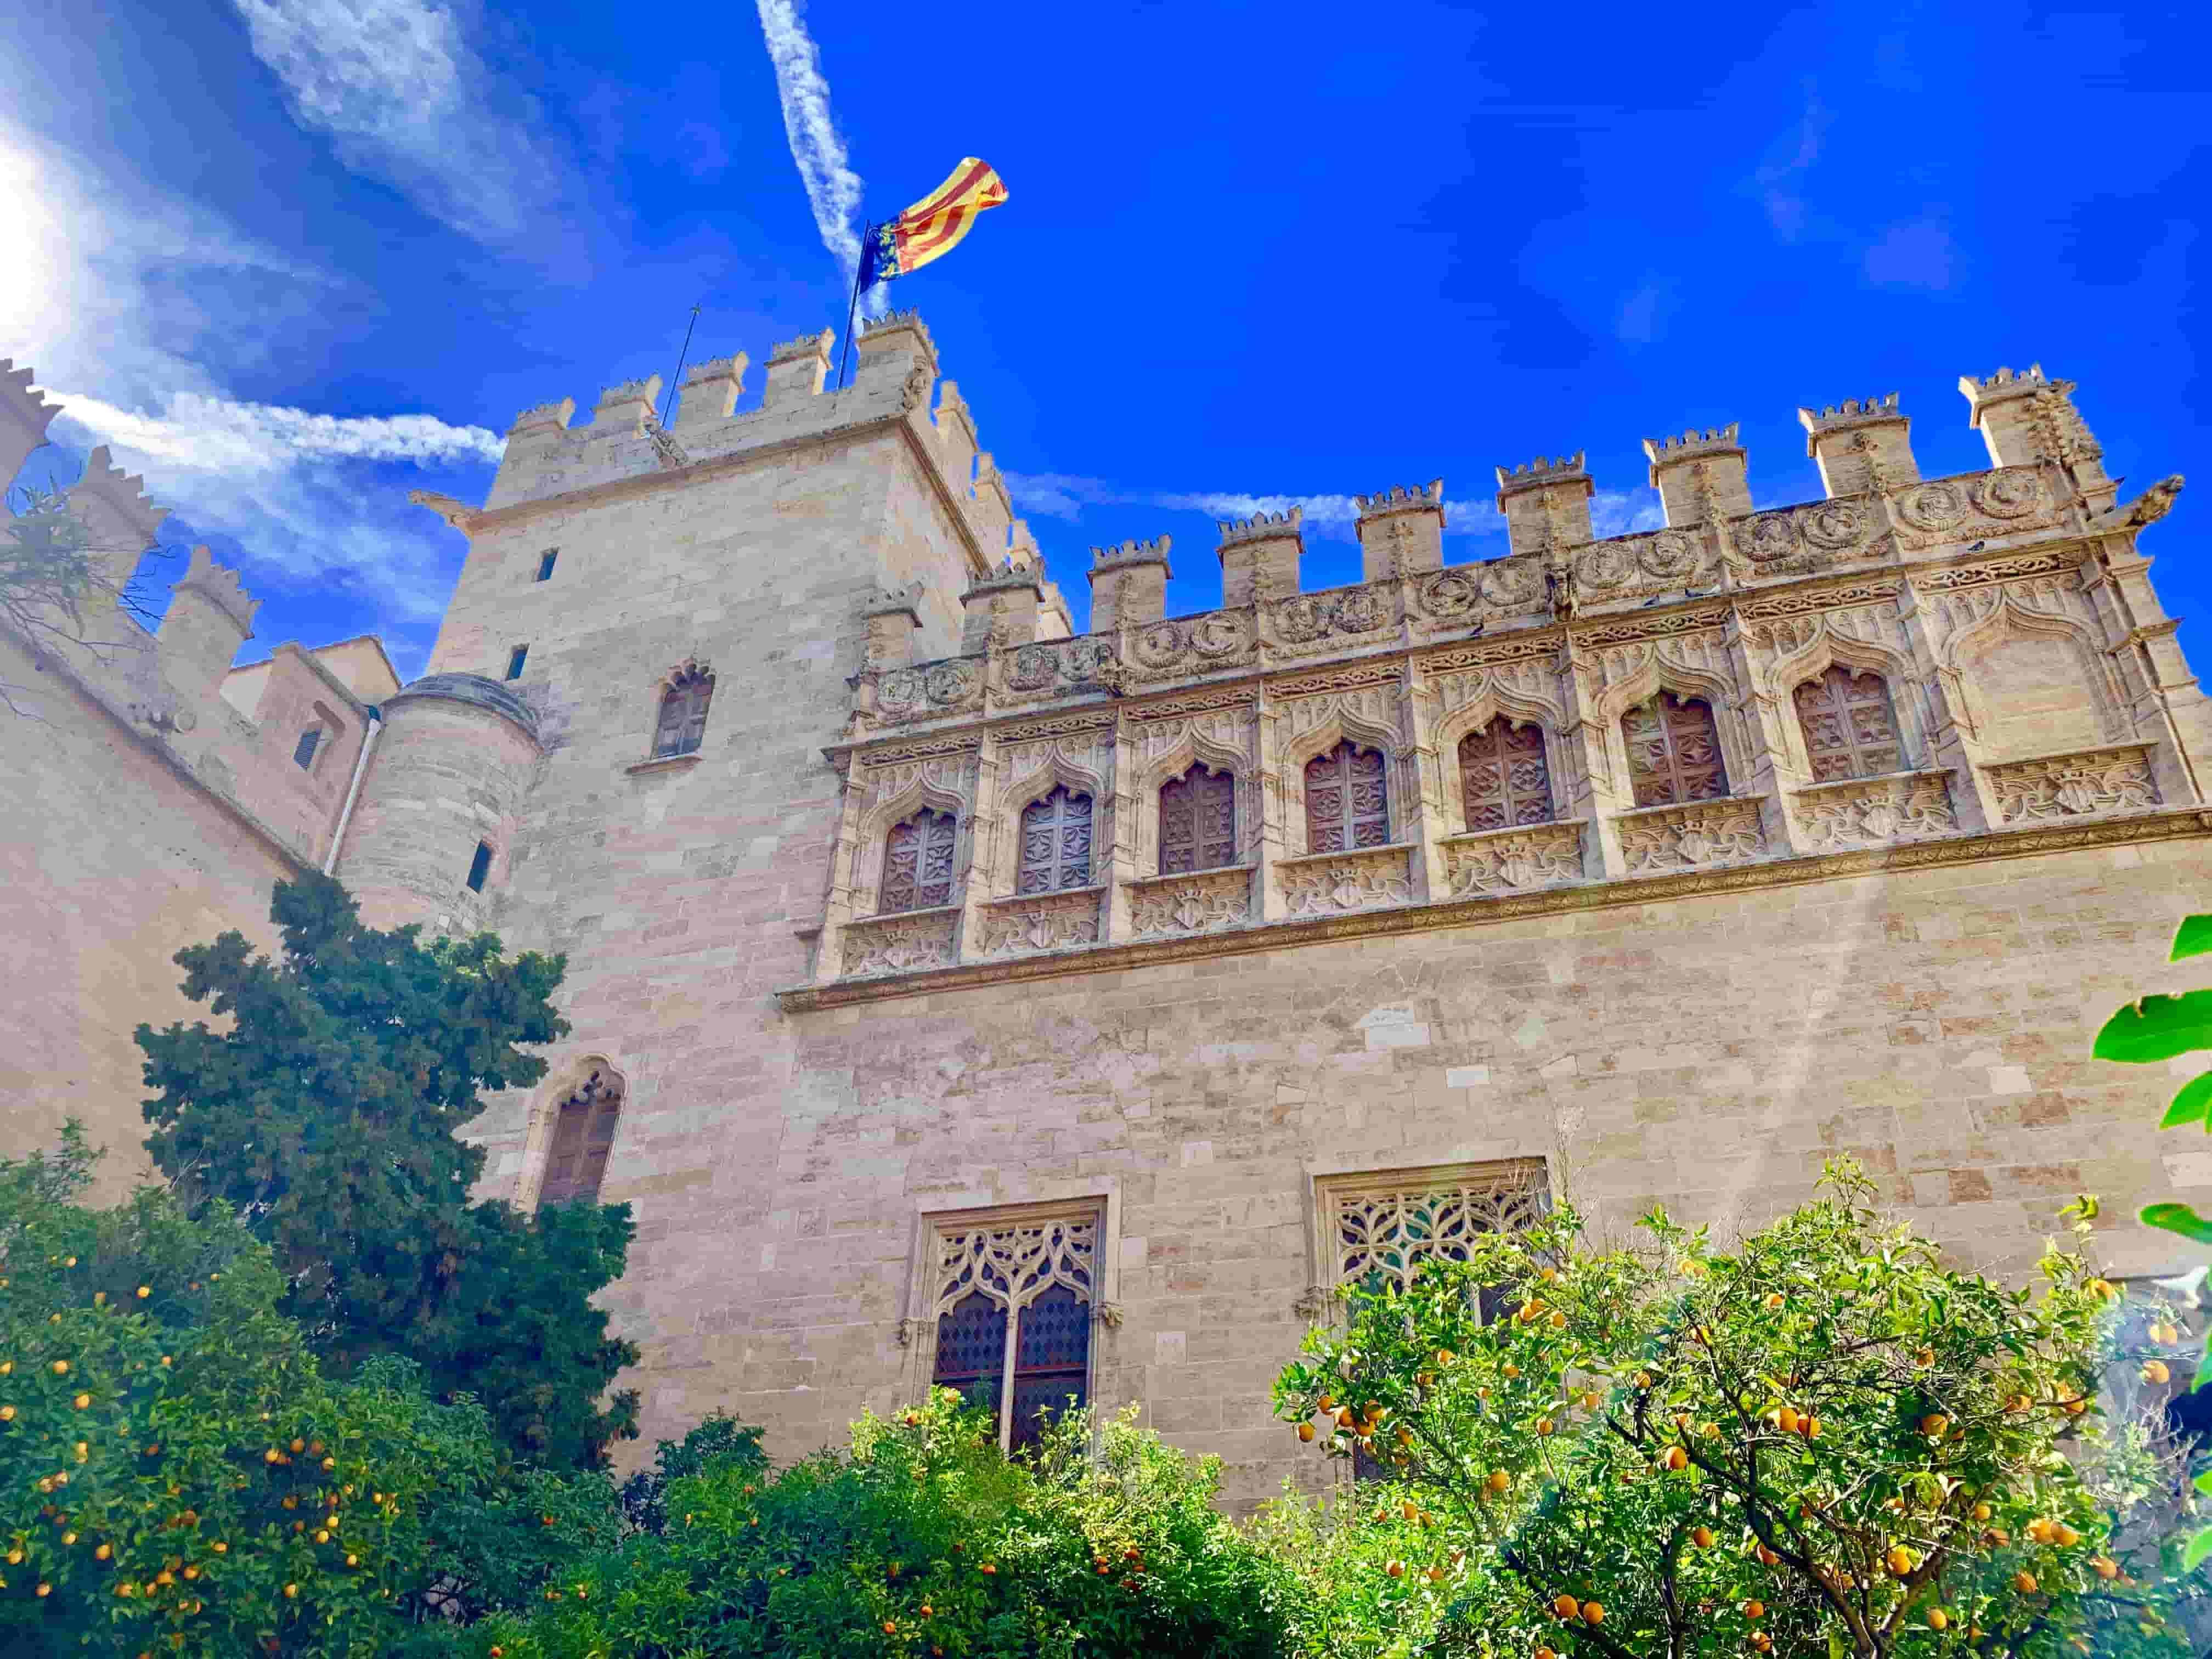 Visita per il centro storico di Valencia.